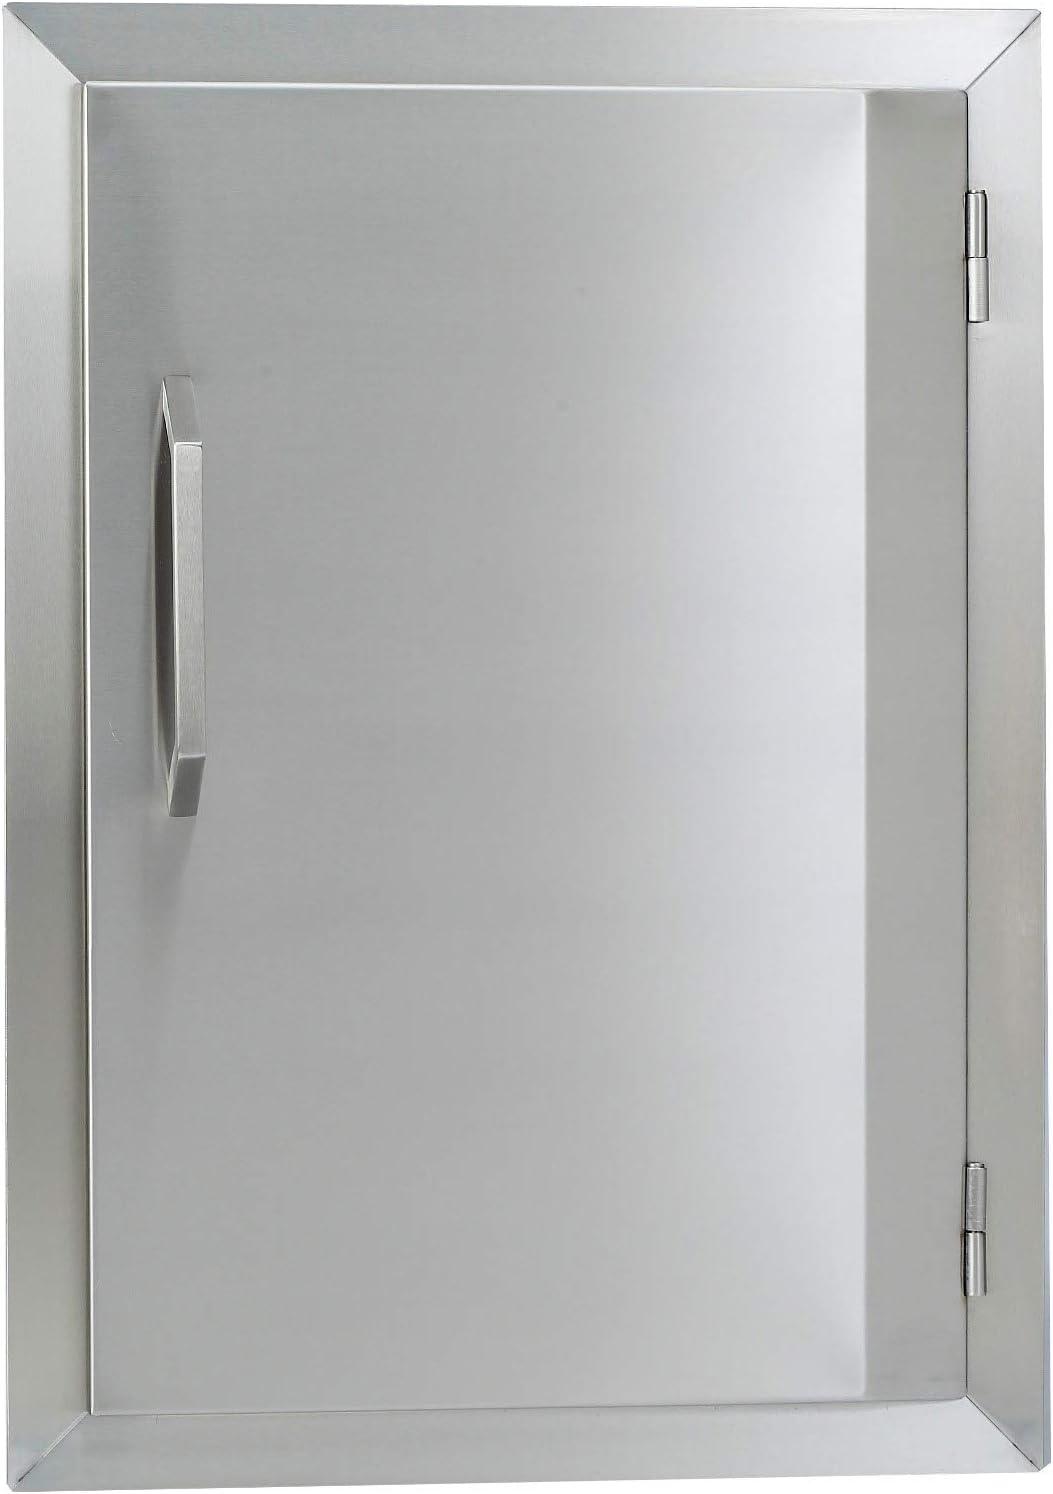 BULLET UI0436 Bull Single Door Stainless Steel Outdoor Kitchen ...